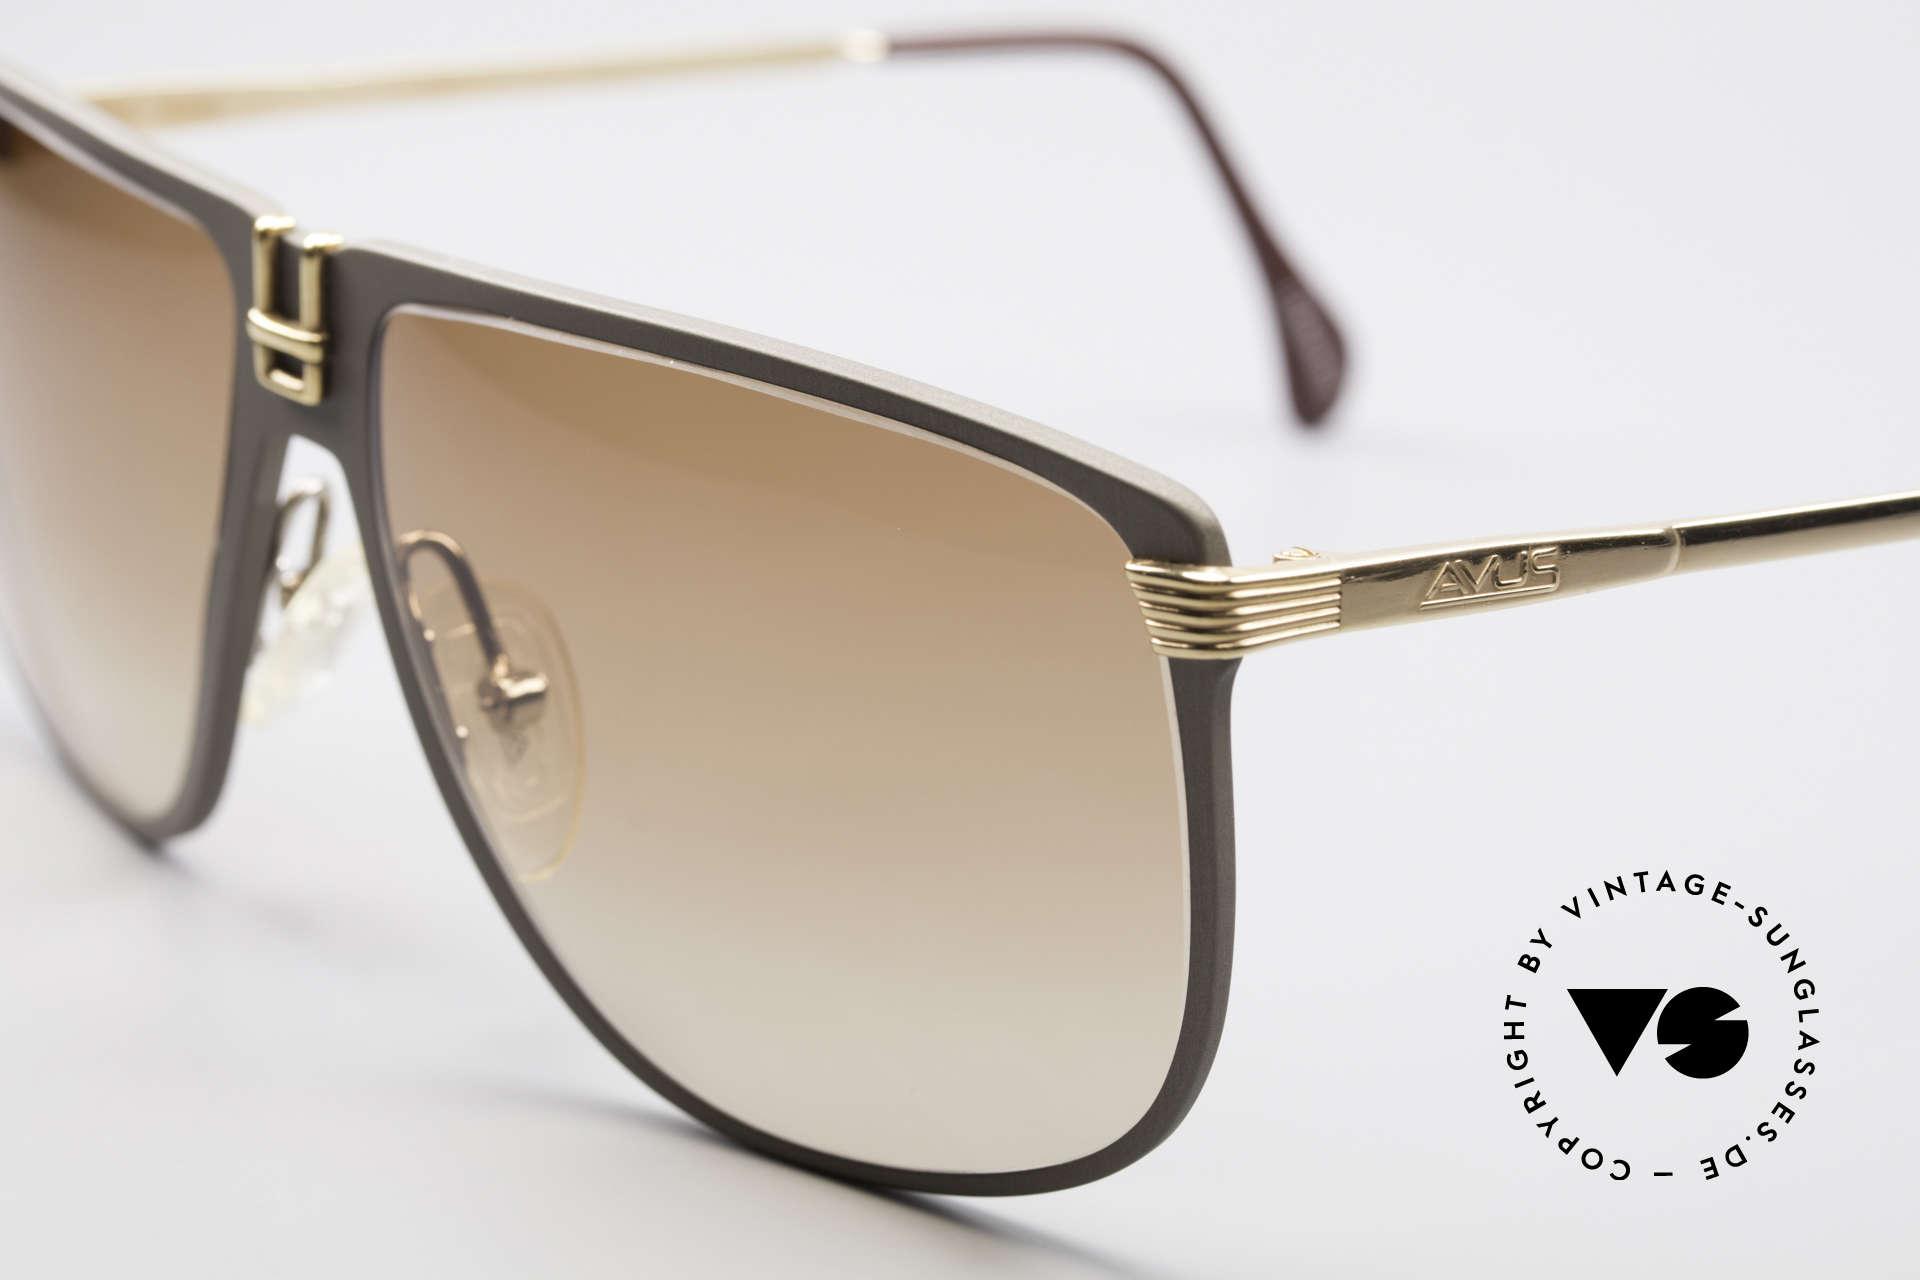 AVUS 210-30 West Germany Sonnenbrille, echte Kostbarkeit für Kenner und Qualitäts-Lieberhaber!, Passend für Herren